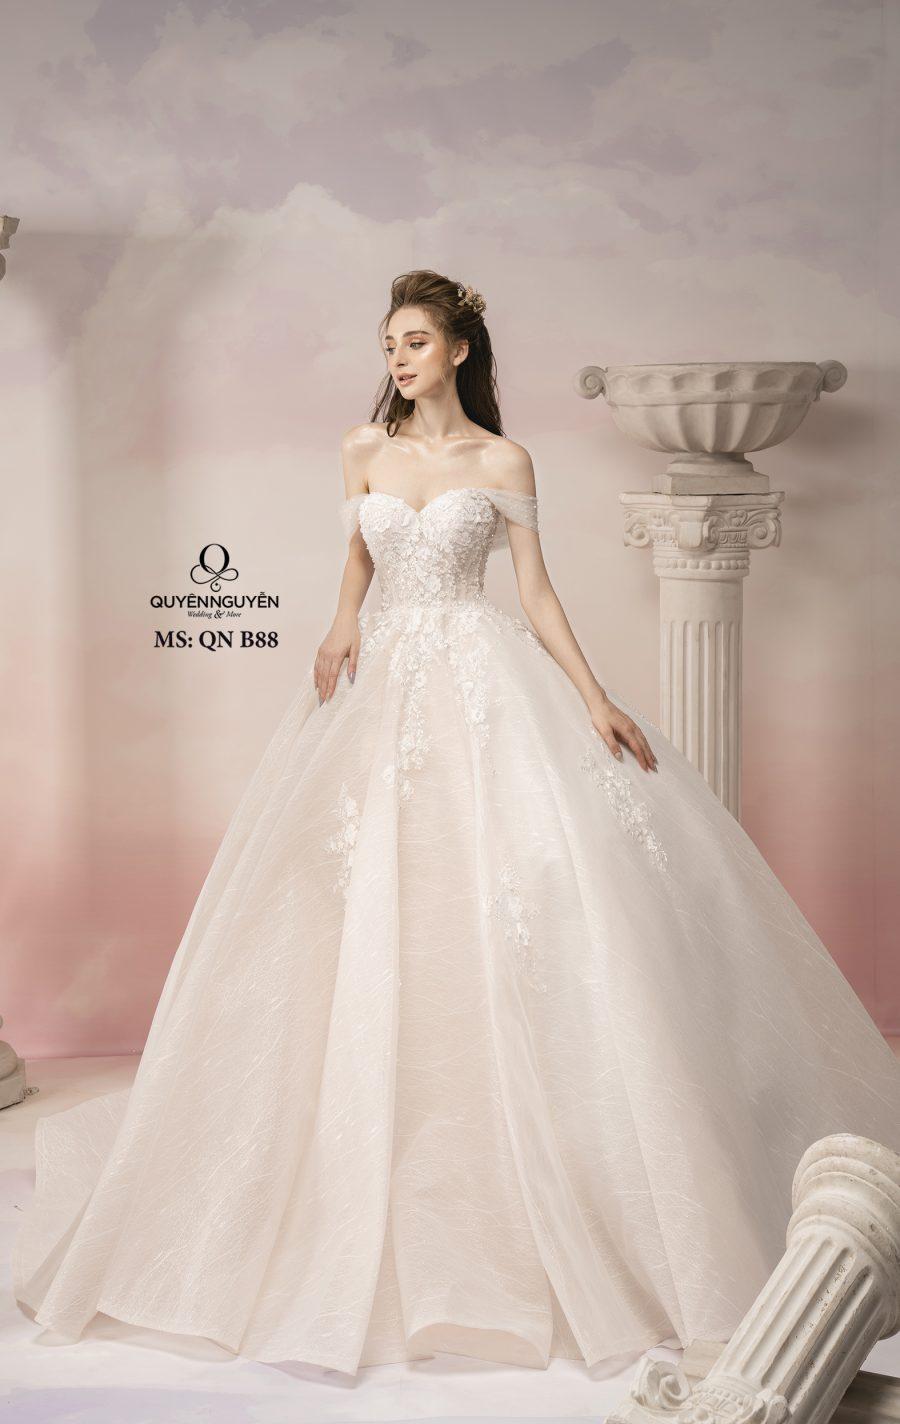 Top 10 xu hướng váy cưới năm 2020 đẹp nhất cho mùa cưới